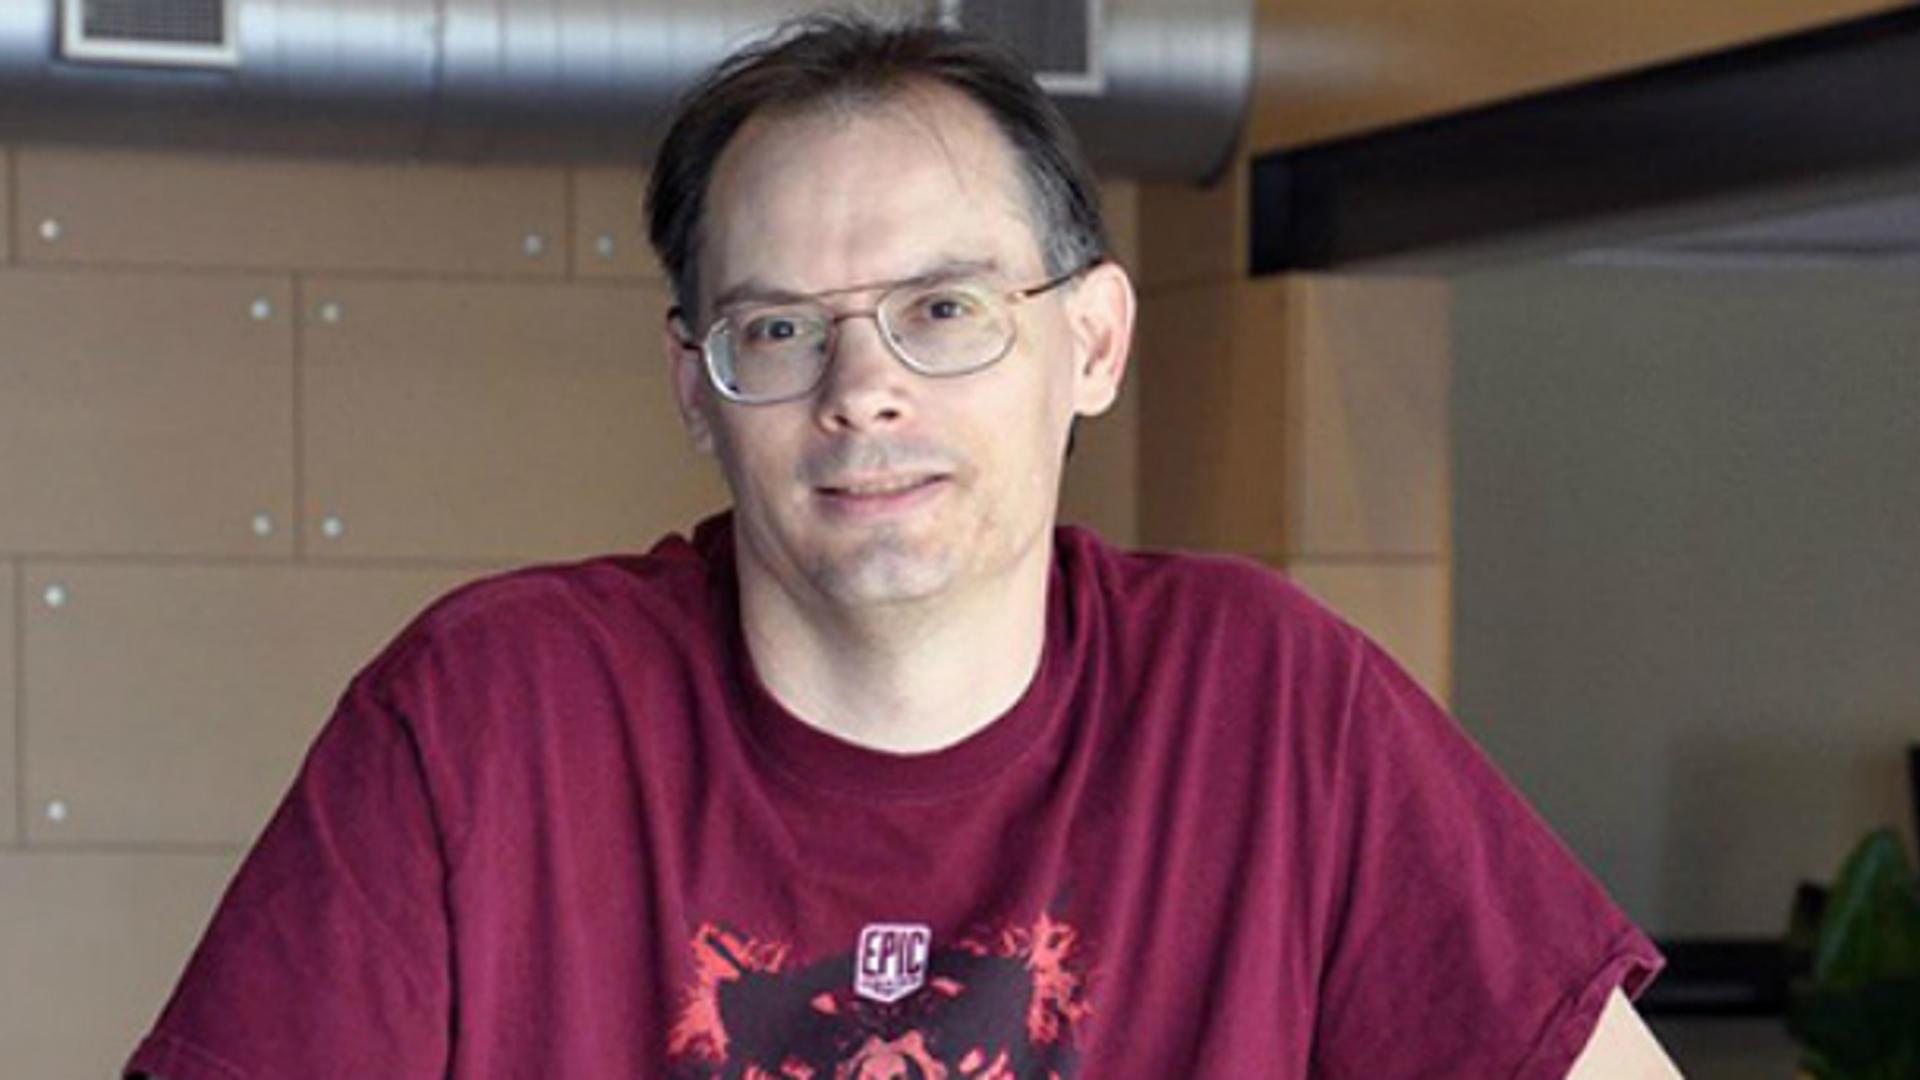 Тим Суини - программист-разработчик компьютерных игр и основатель компании Epic Games